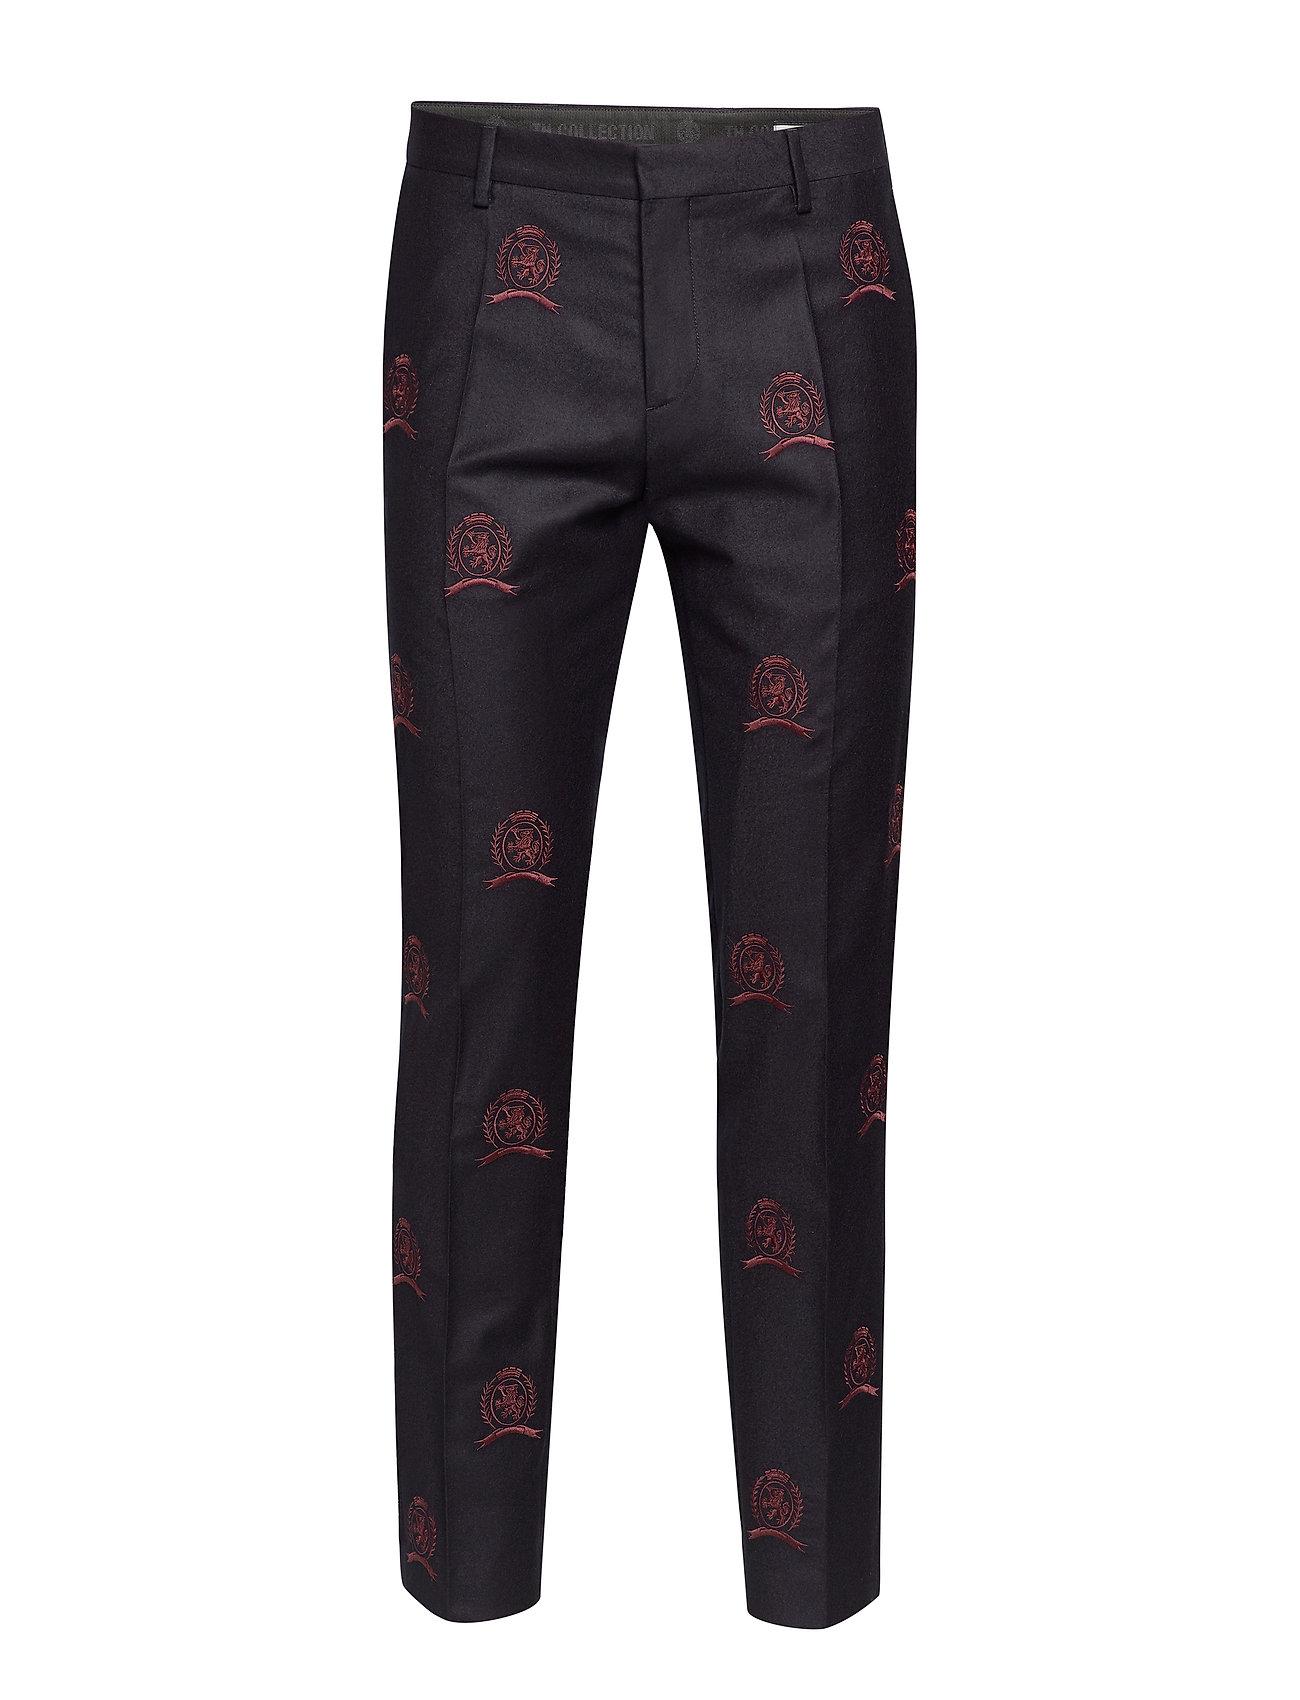 Image of Hcm Suit Sep Pants Embroidery Habitbukser Stylede Bukser Blå Hilfiger Collection (3406228331)